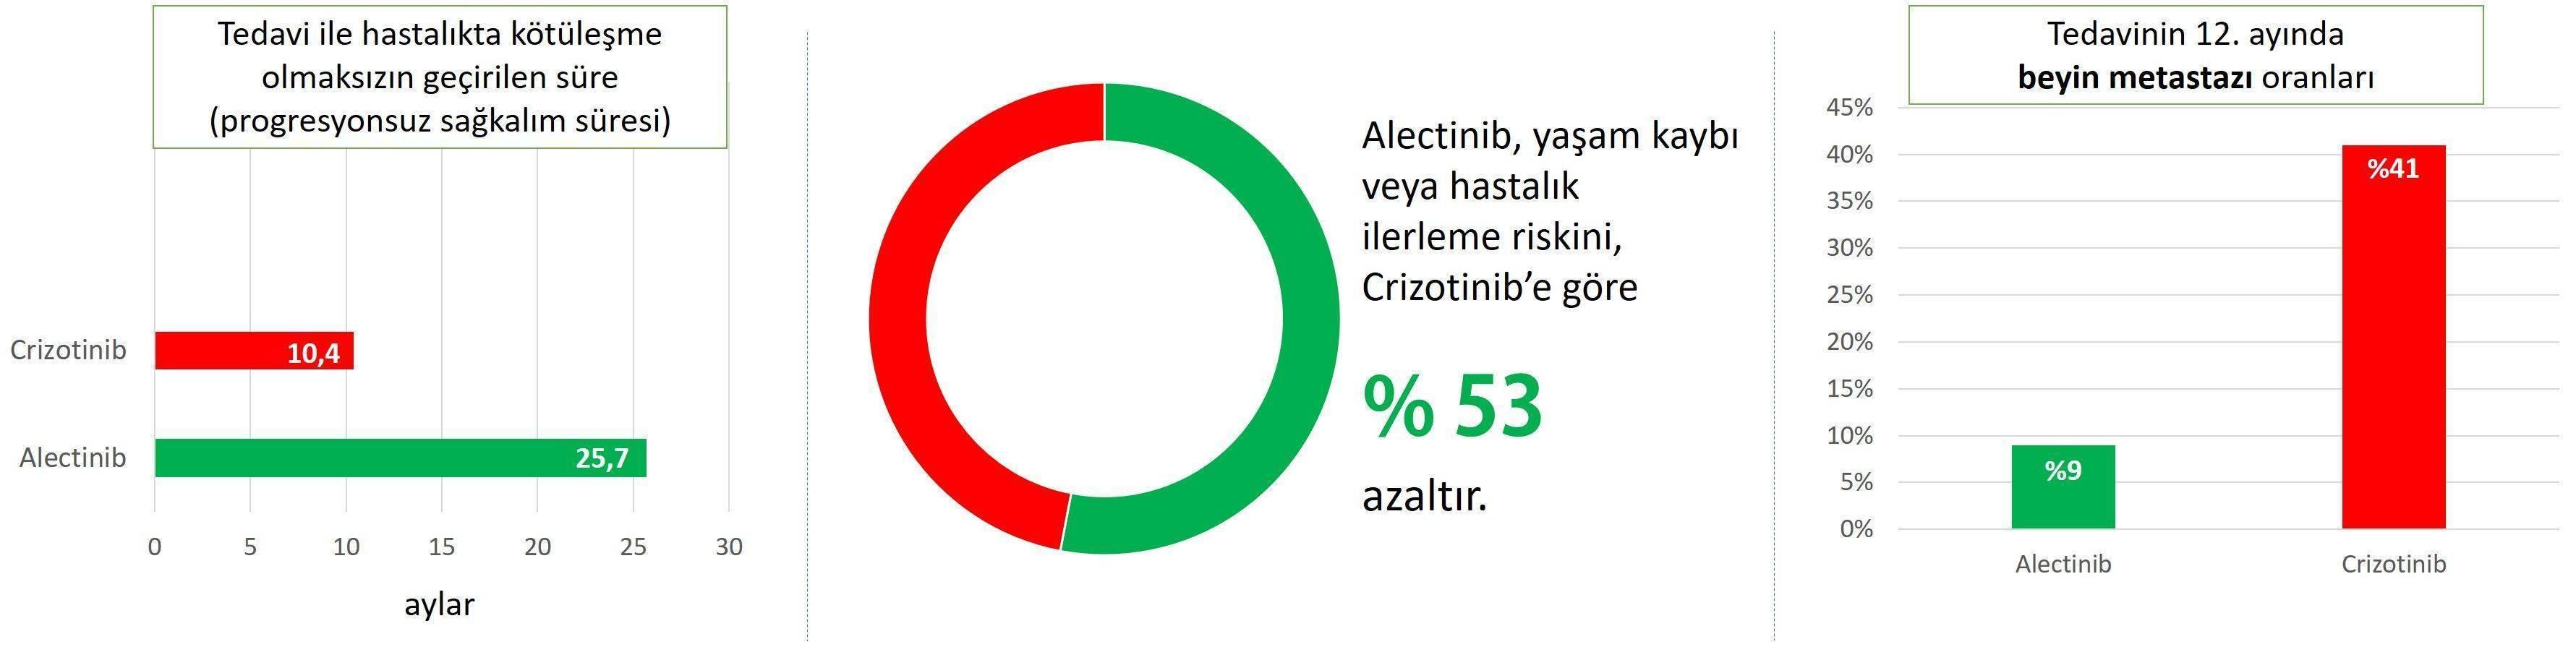 akciğer kanseri tedavisinde yaşam süreleri farkı alk pozitif alectinib crizotinib karşılaşt?